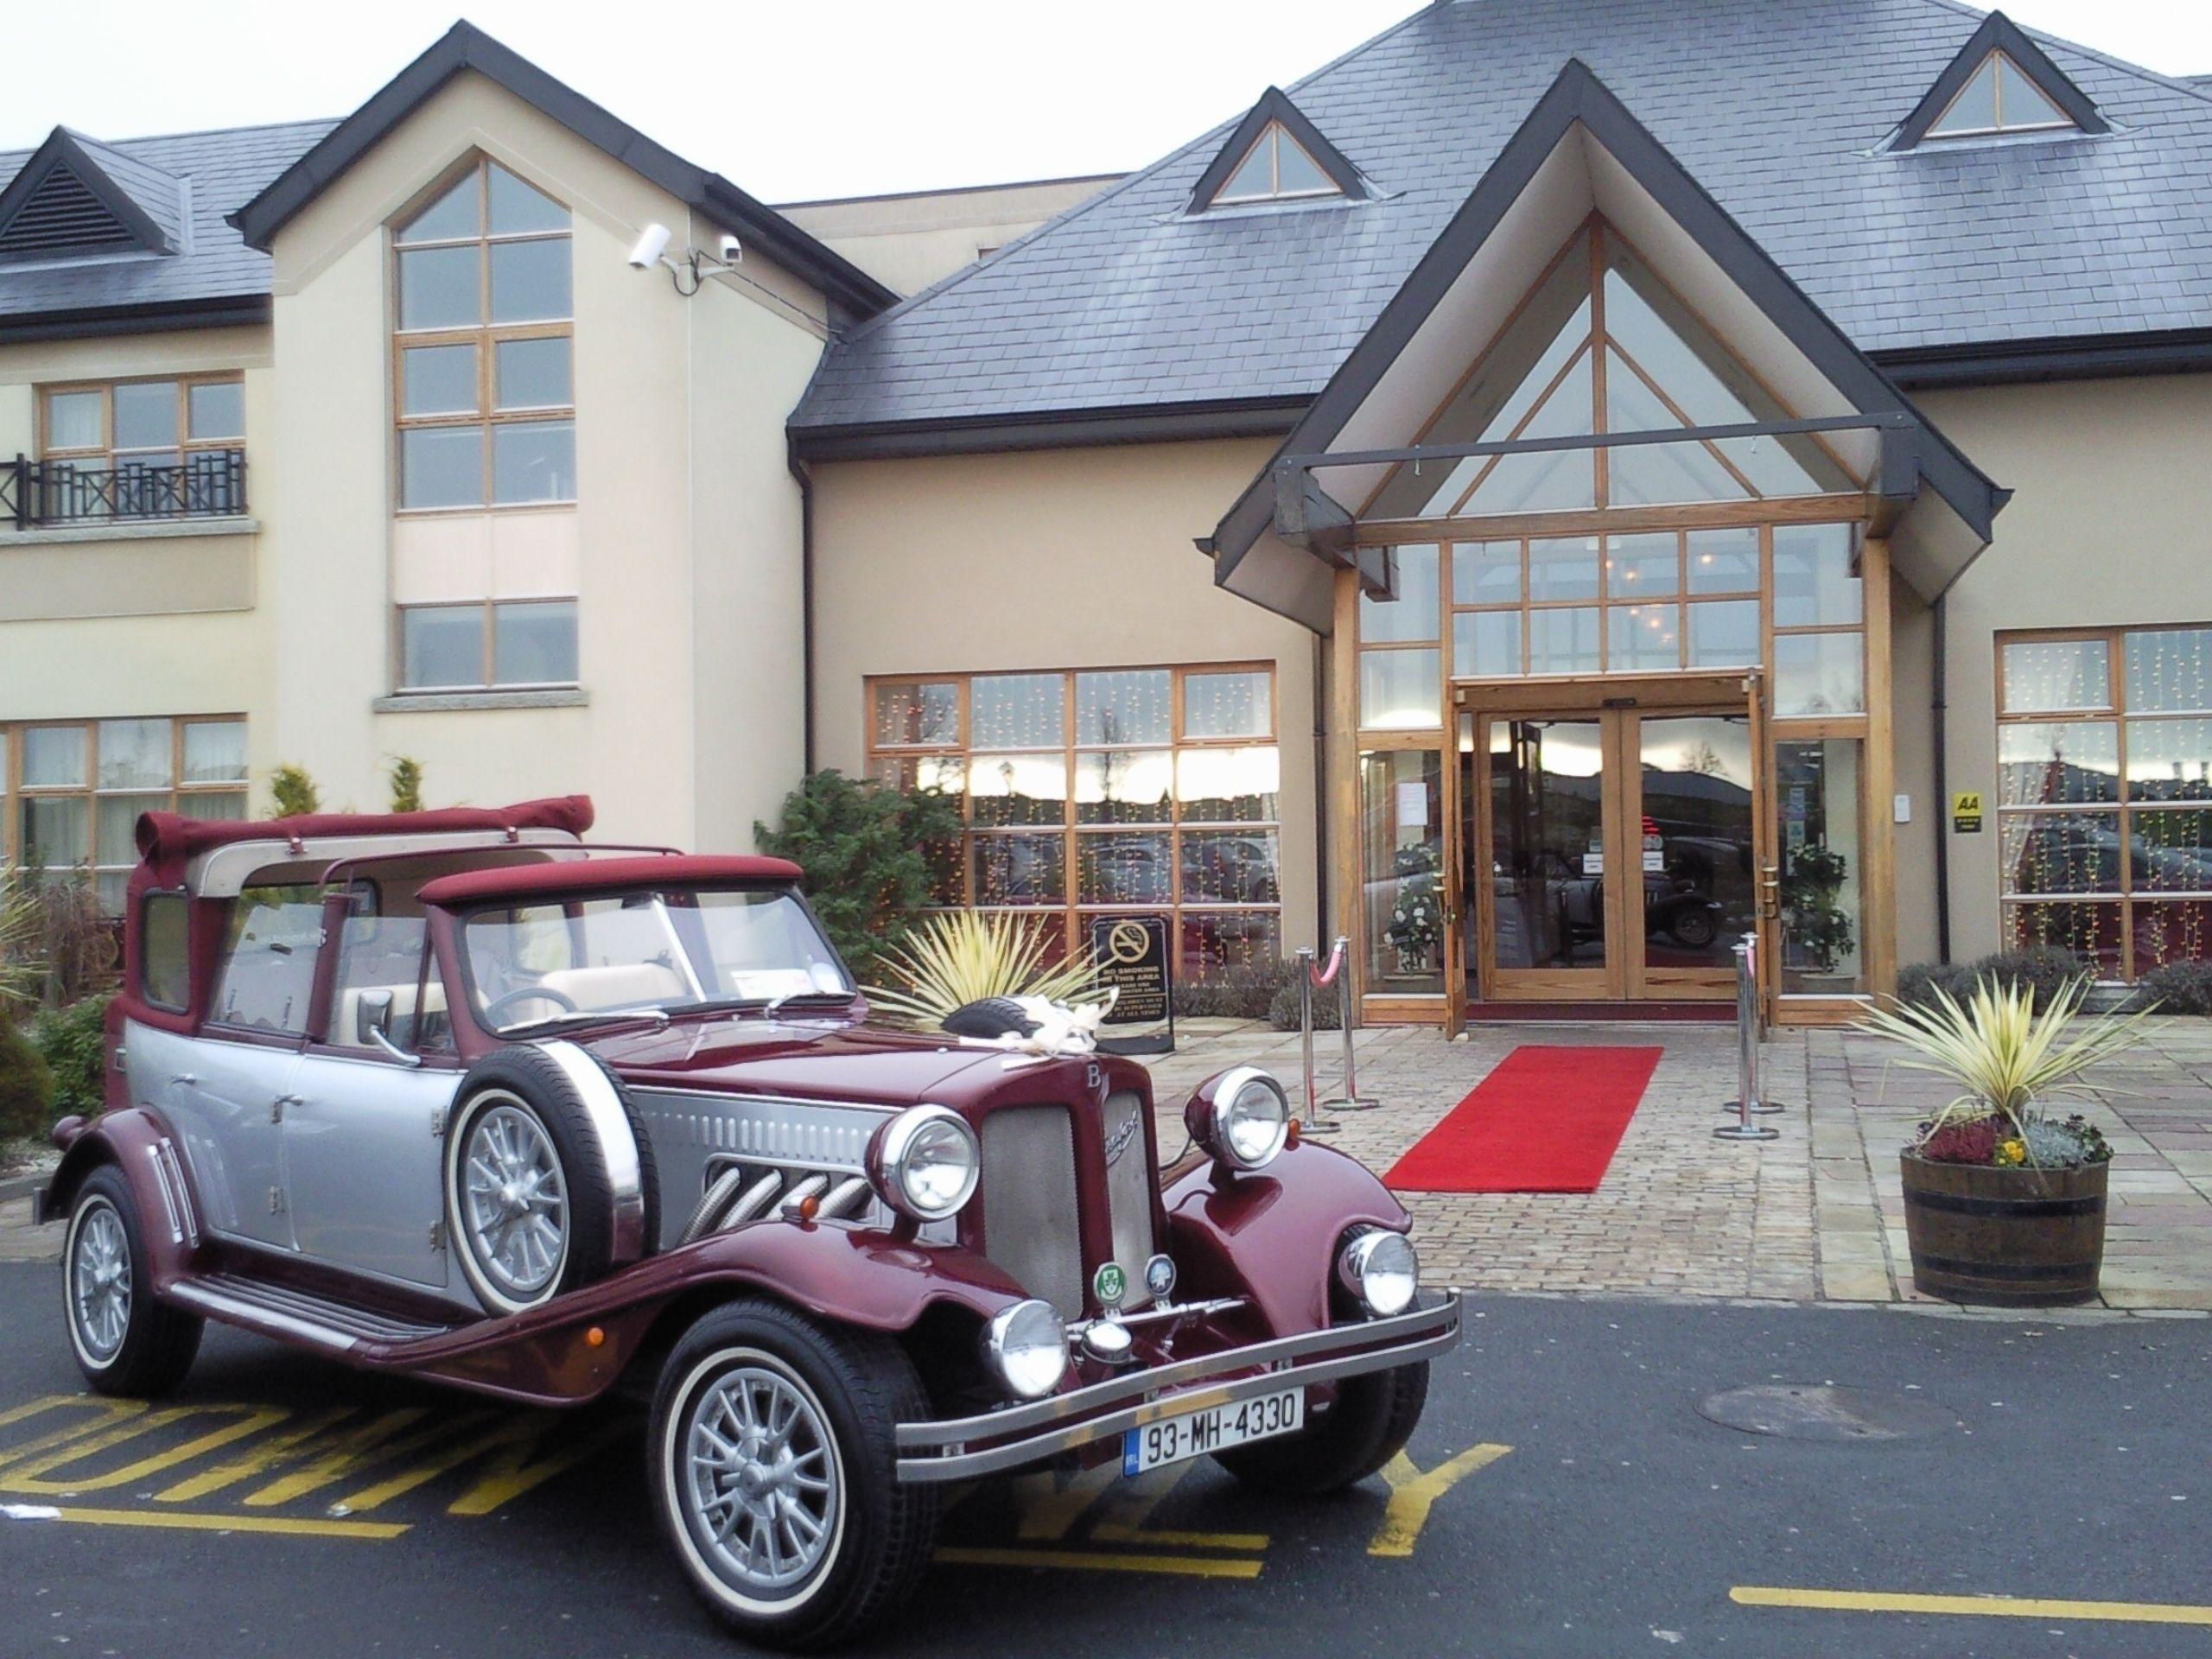 Beauford Wedding Cars Hire Kildare Ireland Www Kpcd Ie Beauford Wedding Cars Hire Kildare Ireland Www Kp In 2020 Wedding Car Hire Wedding Car Vintage Car Wedding